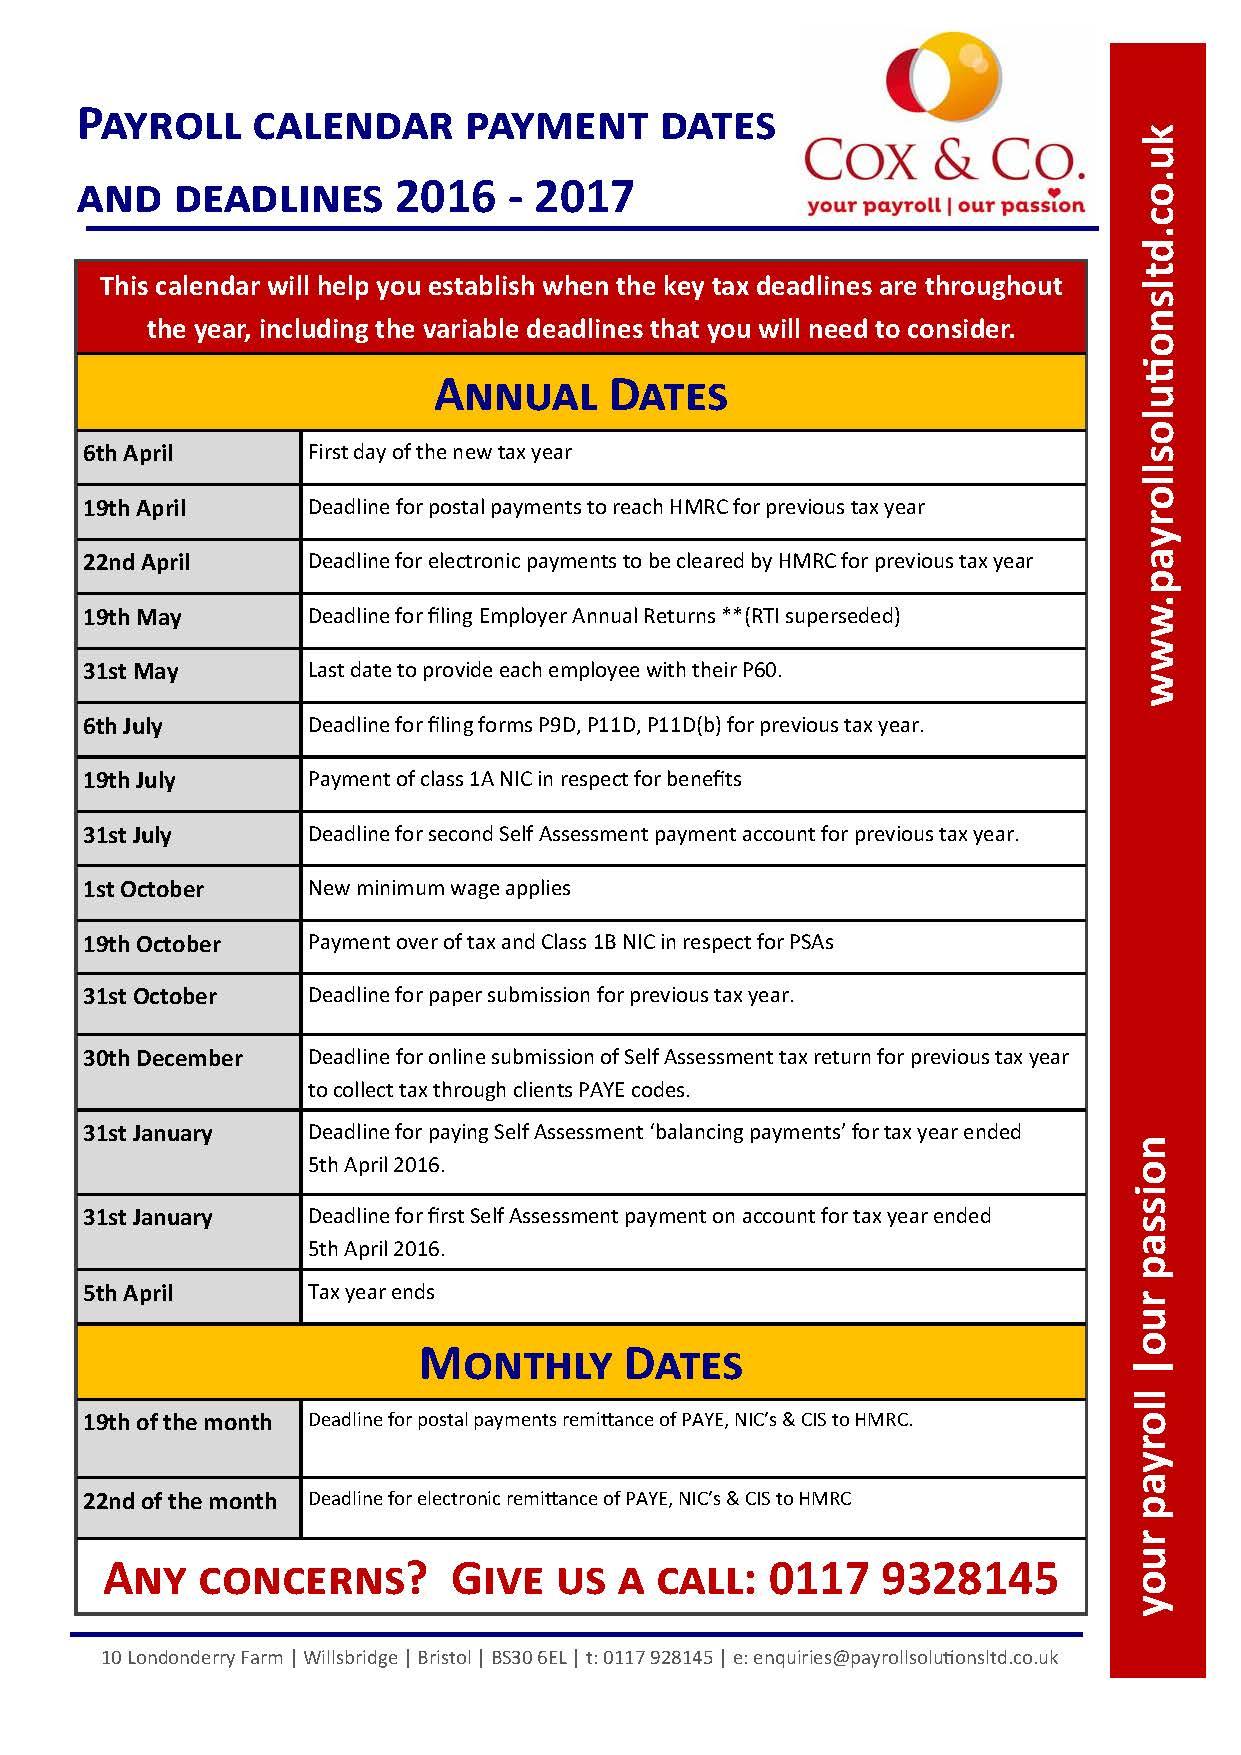 Fafsa Deadlines Payroll Calendar Hmrc Tax Dates And Deadlines